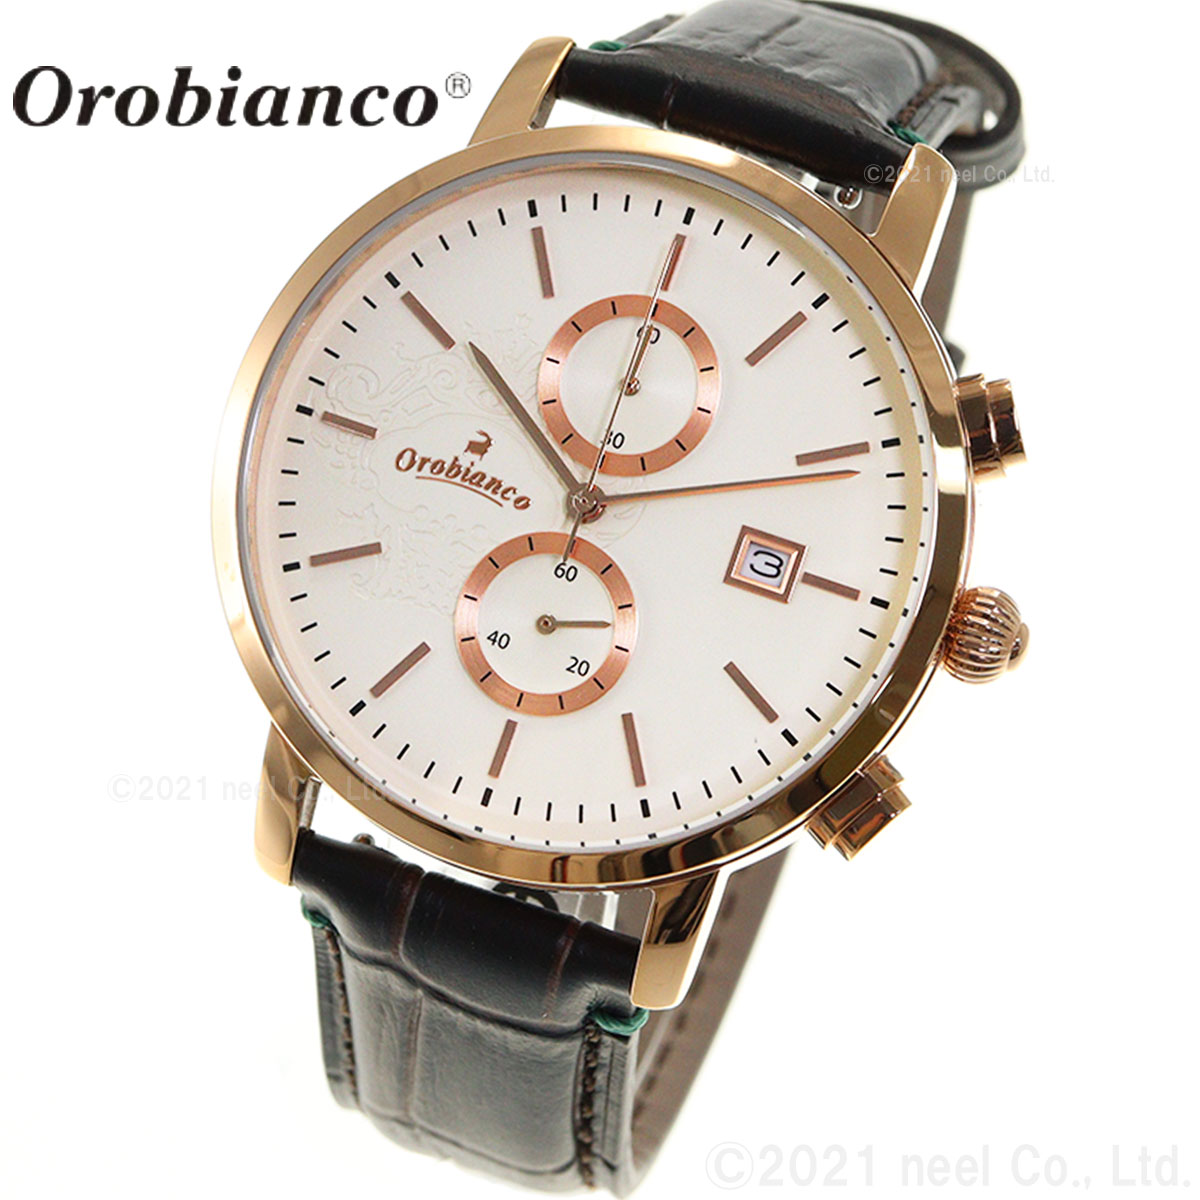 オロビアンコ 時計 メンズ Orobianco 腕時計 チェルト CERTO OR0070-9